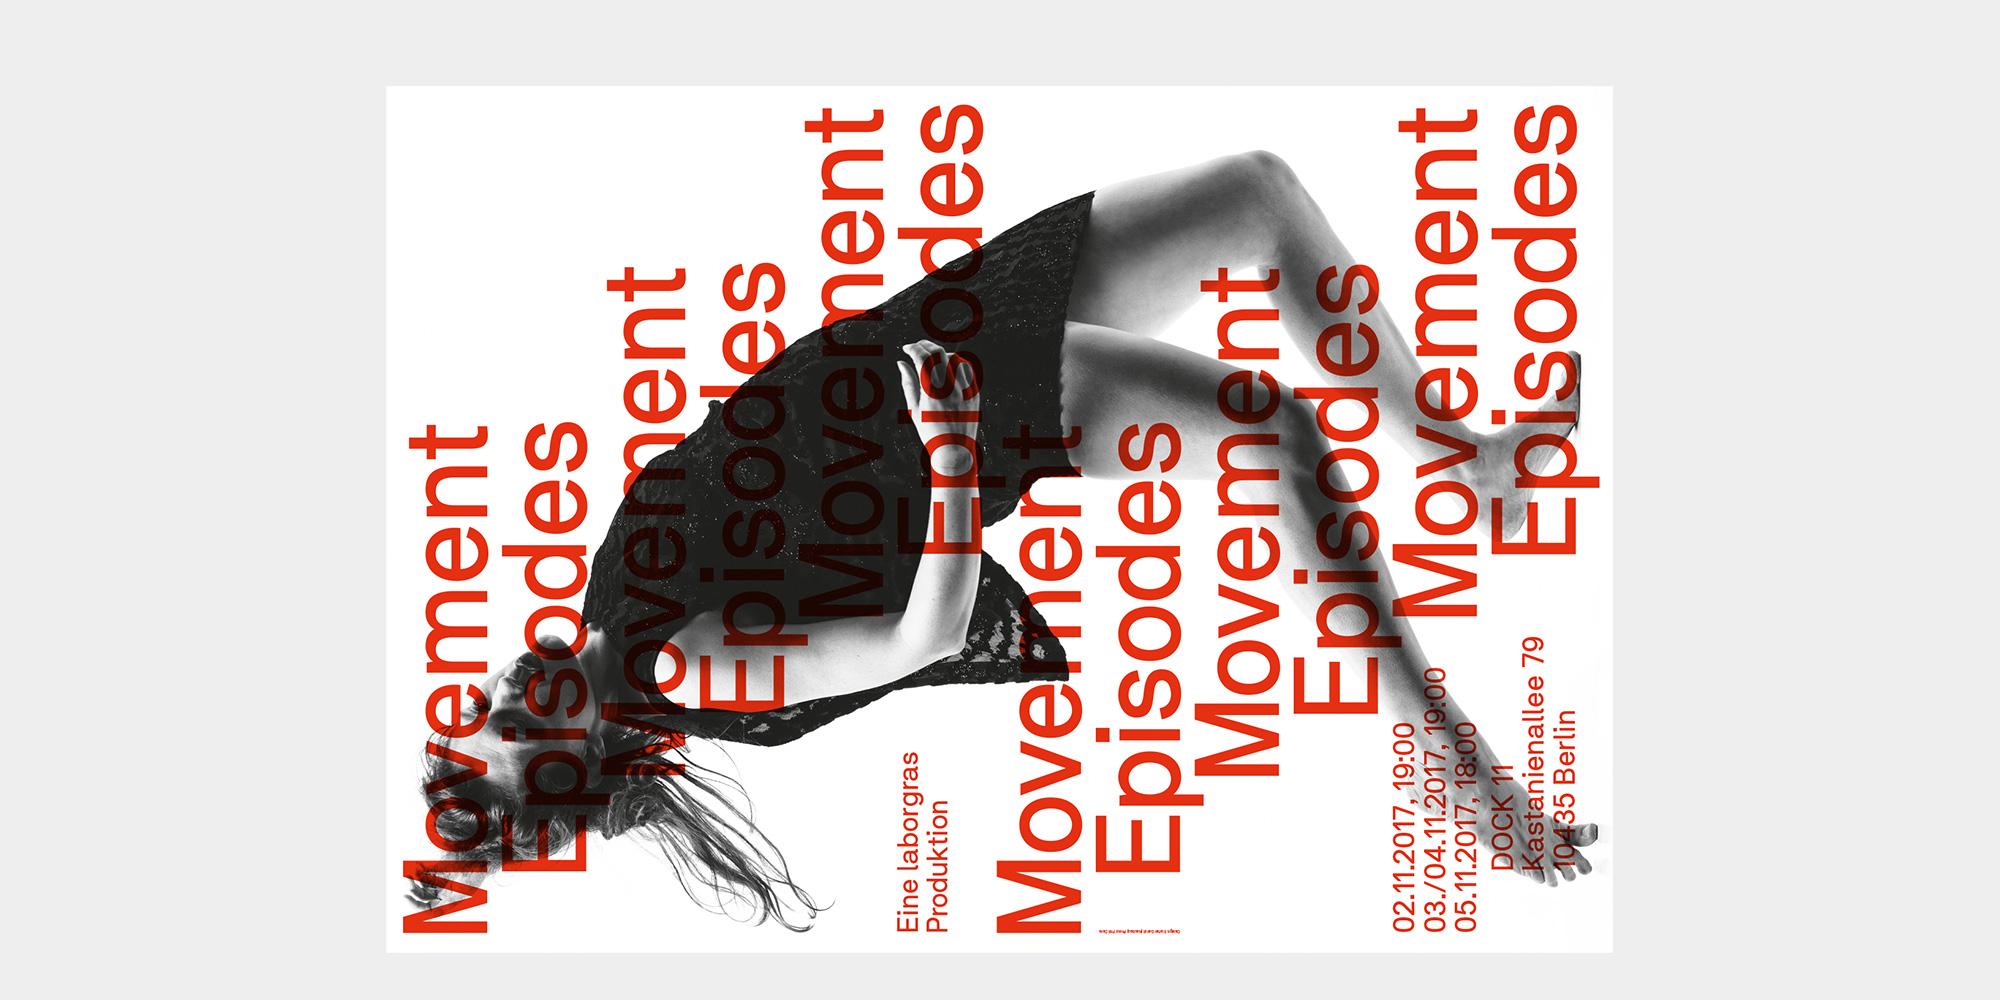 NBL_LG_ME_Poster